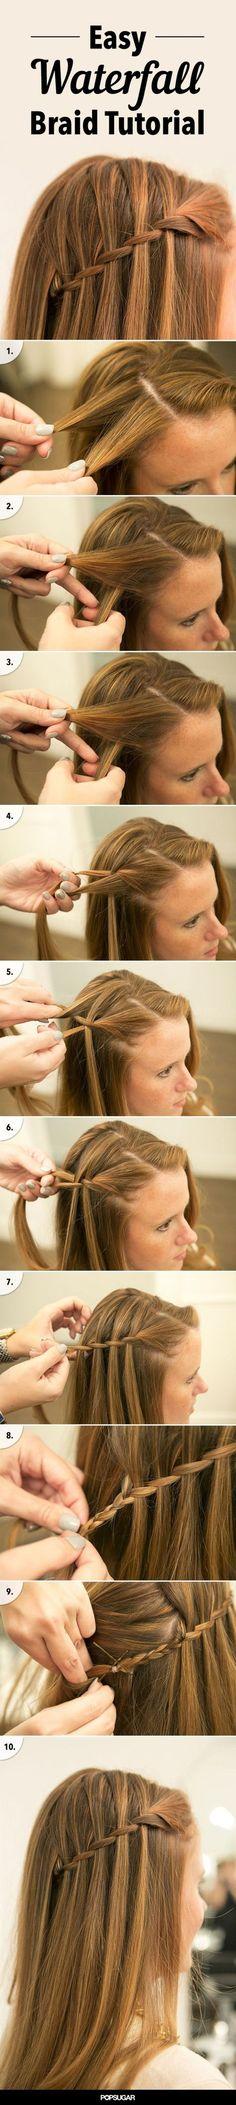 a waterfall braid tutorial